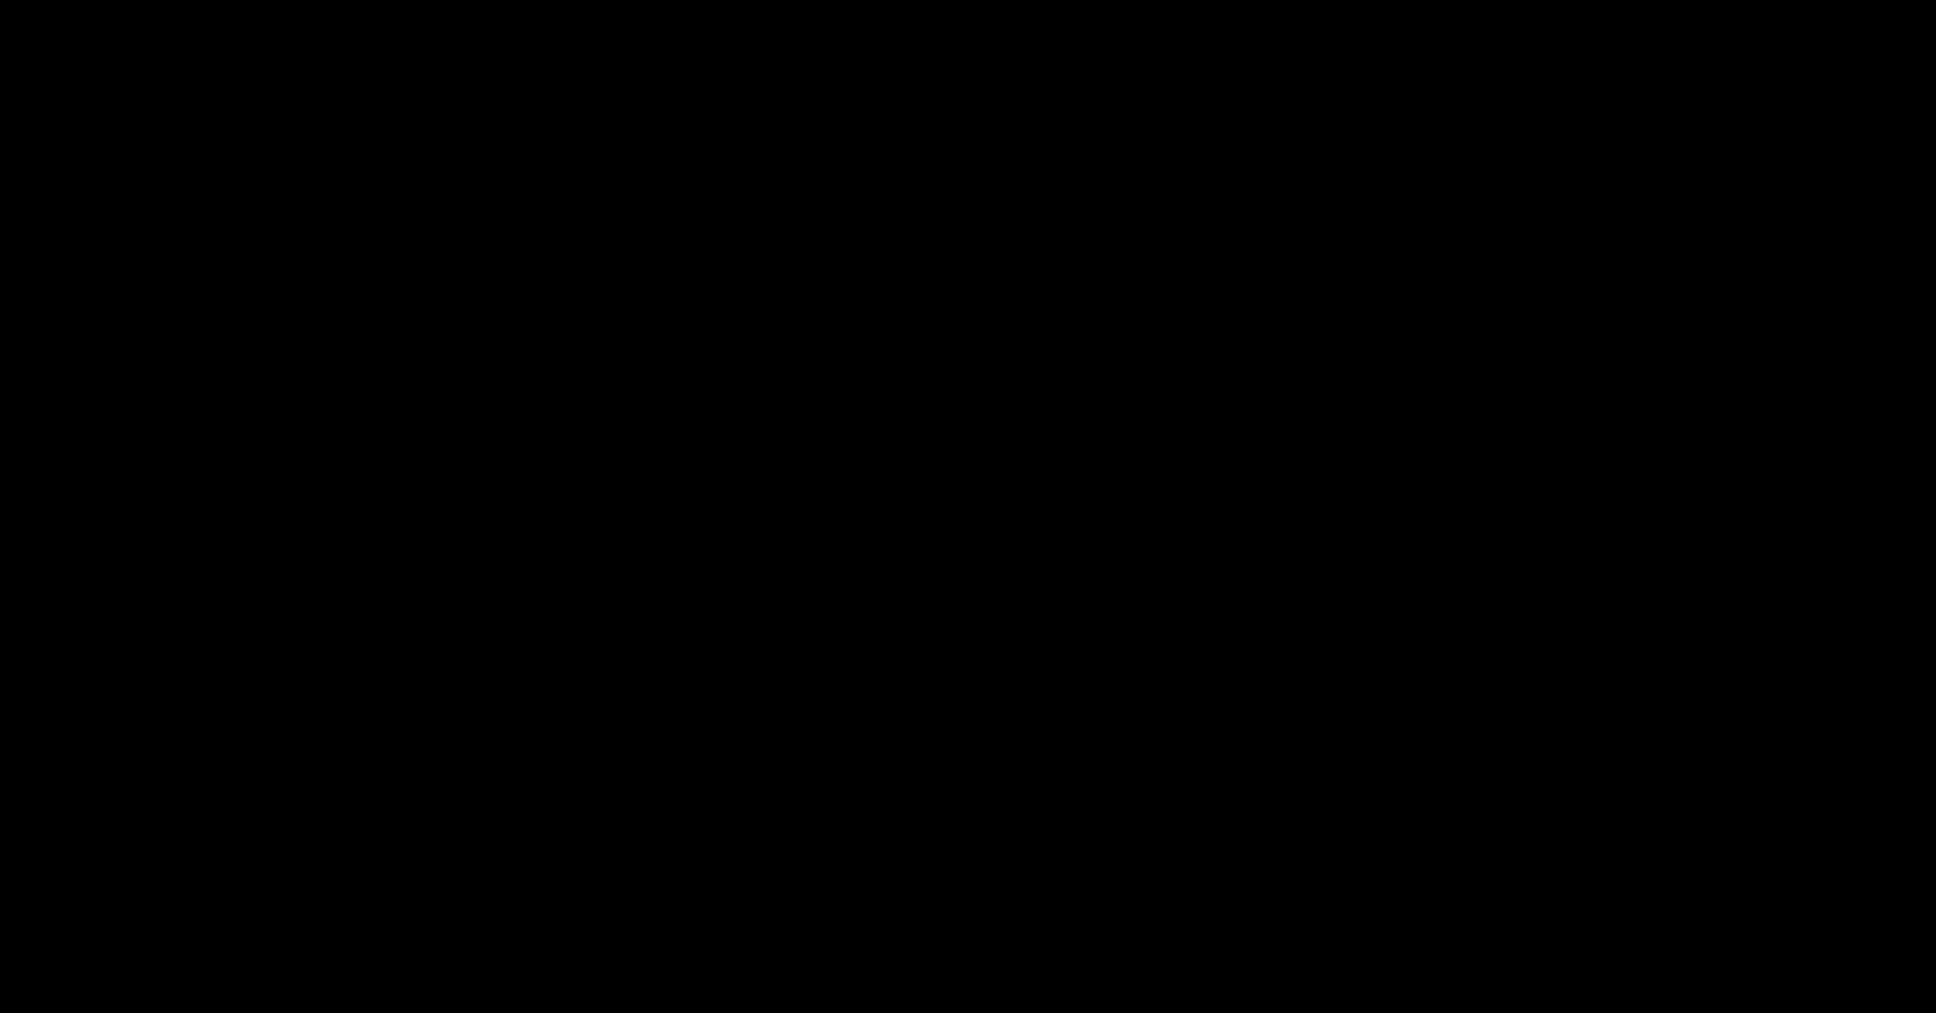 Схема ПС-110 «Приречная» и распределение Brick по кернам ТТ